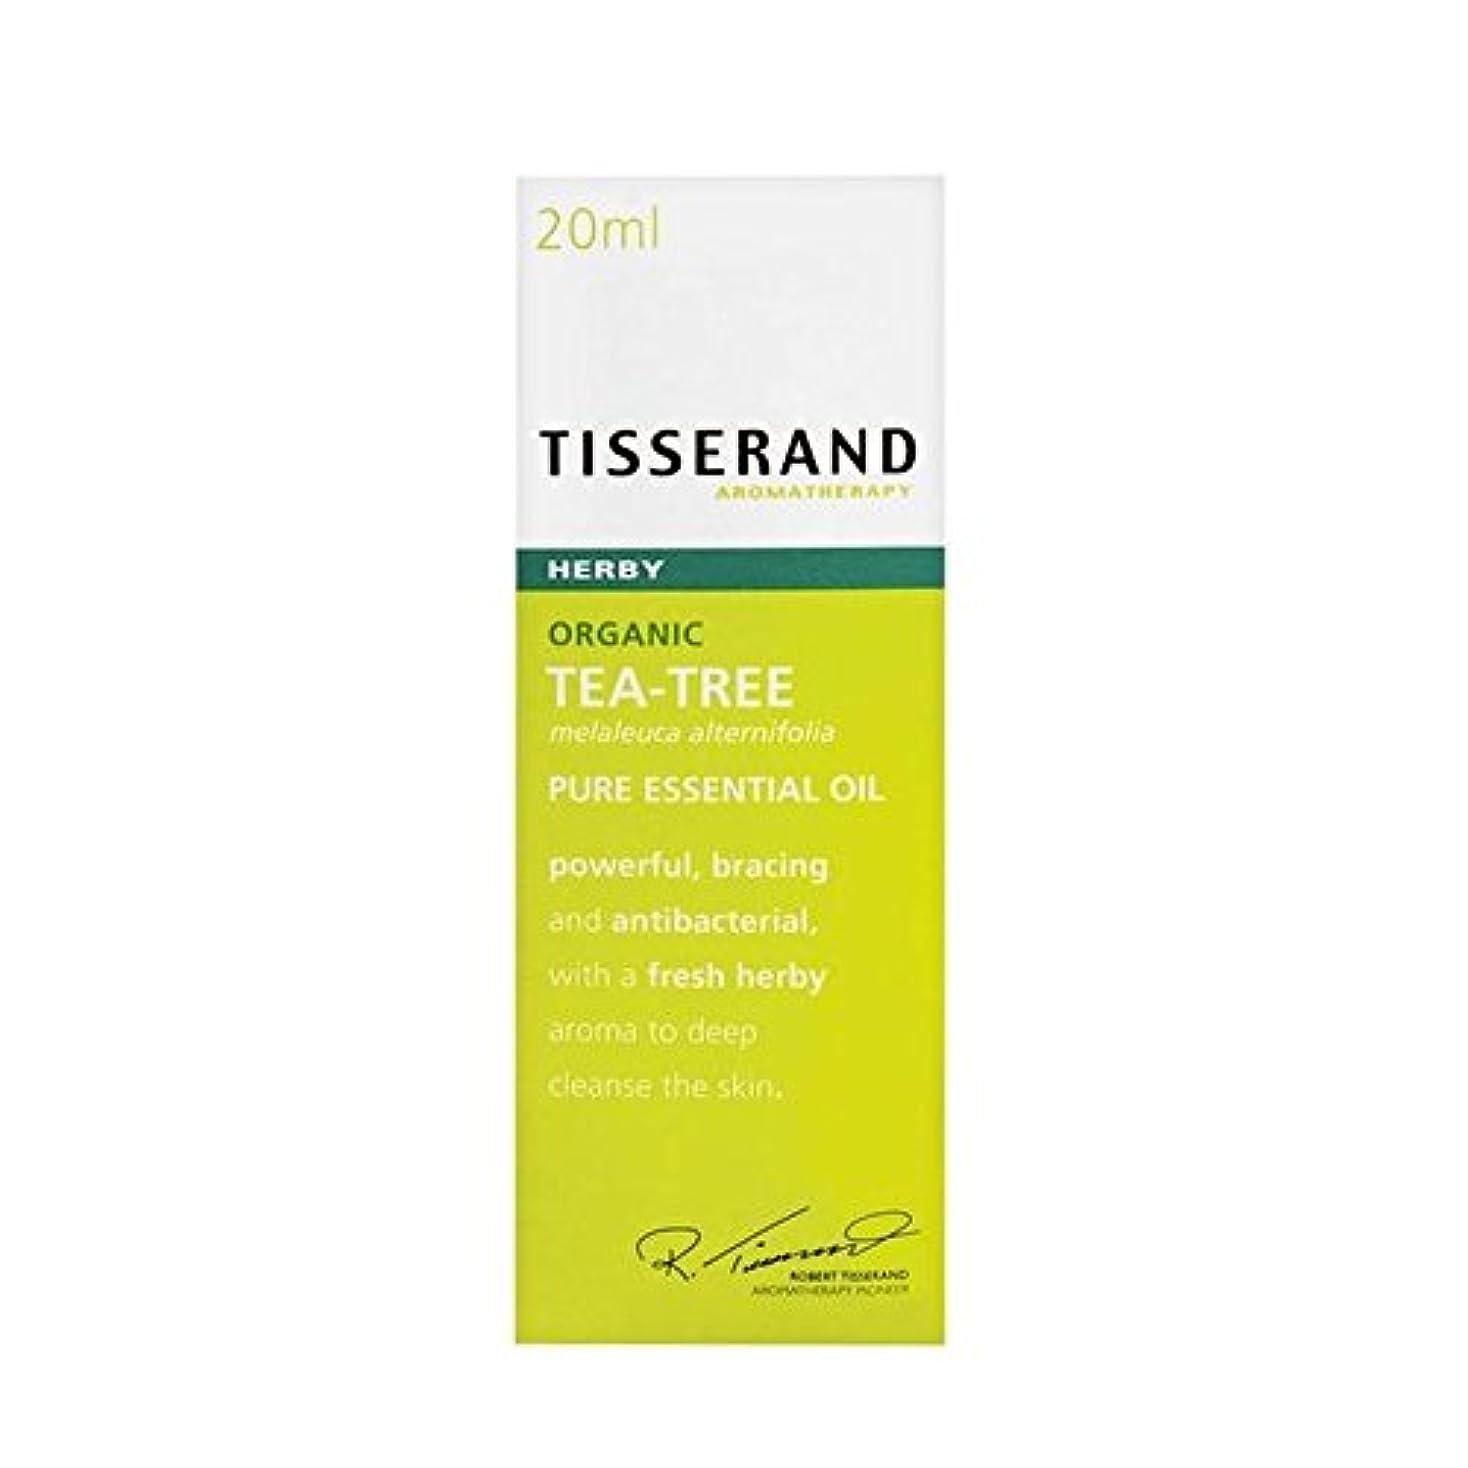 スプーン追う天のTisserand Tea Tree Organic Pure Essential Oil 20ml (Pack of 6) - ティスランドティーツリーオーガニックピュアエッセンシャルオイル20ミリリットル x6 [並行輸入品]